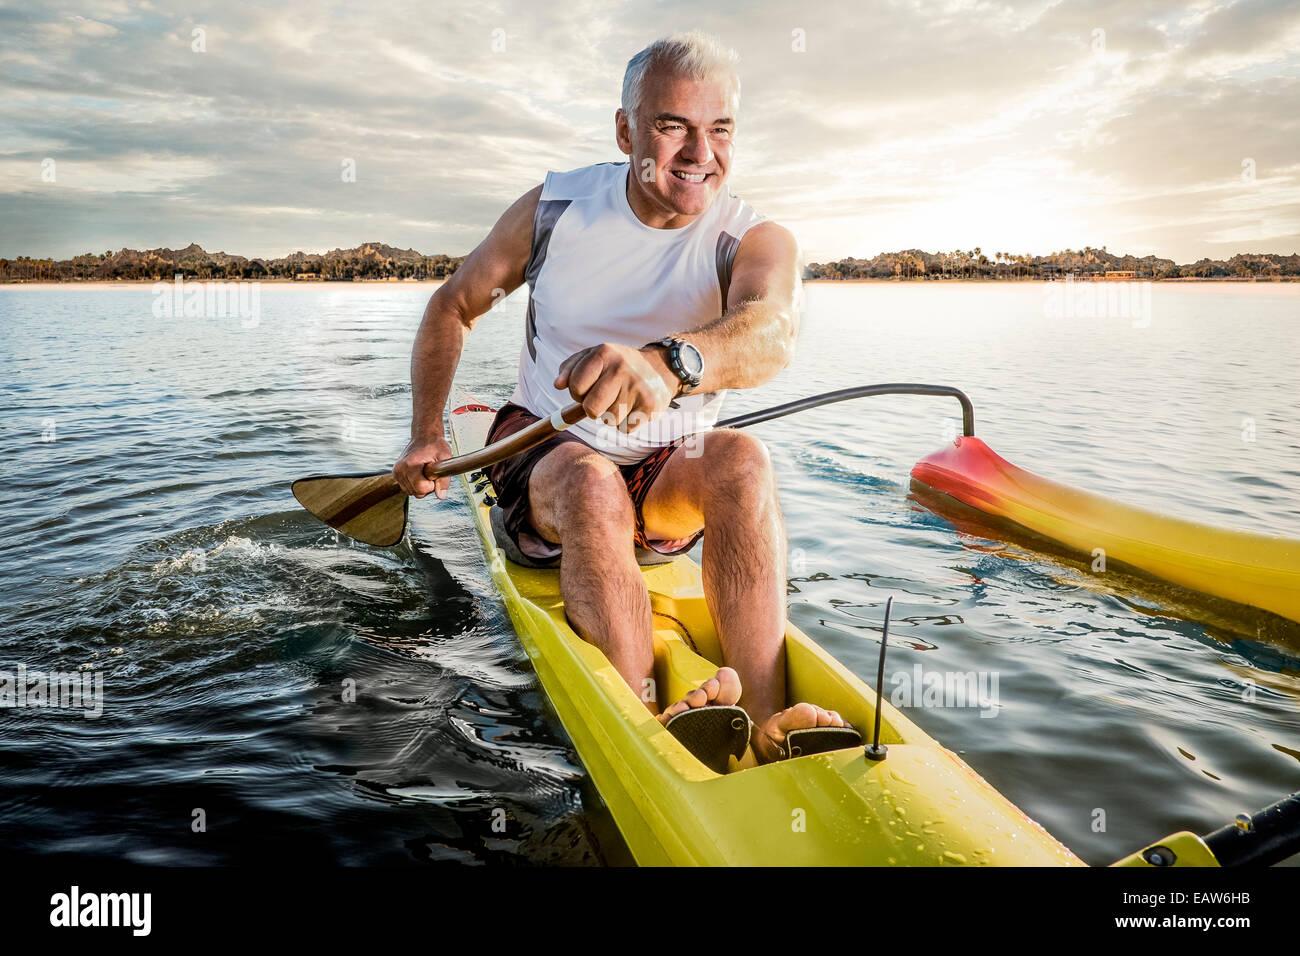 Man paddling pirogue dans l'océan au lever du soleil à l'île tropicale derrière lui. Photo Stock